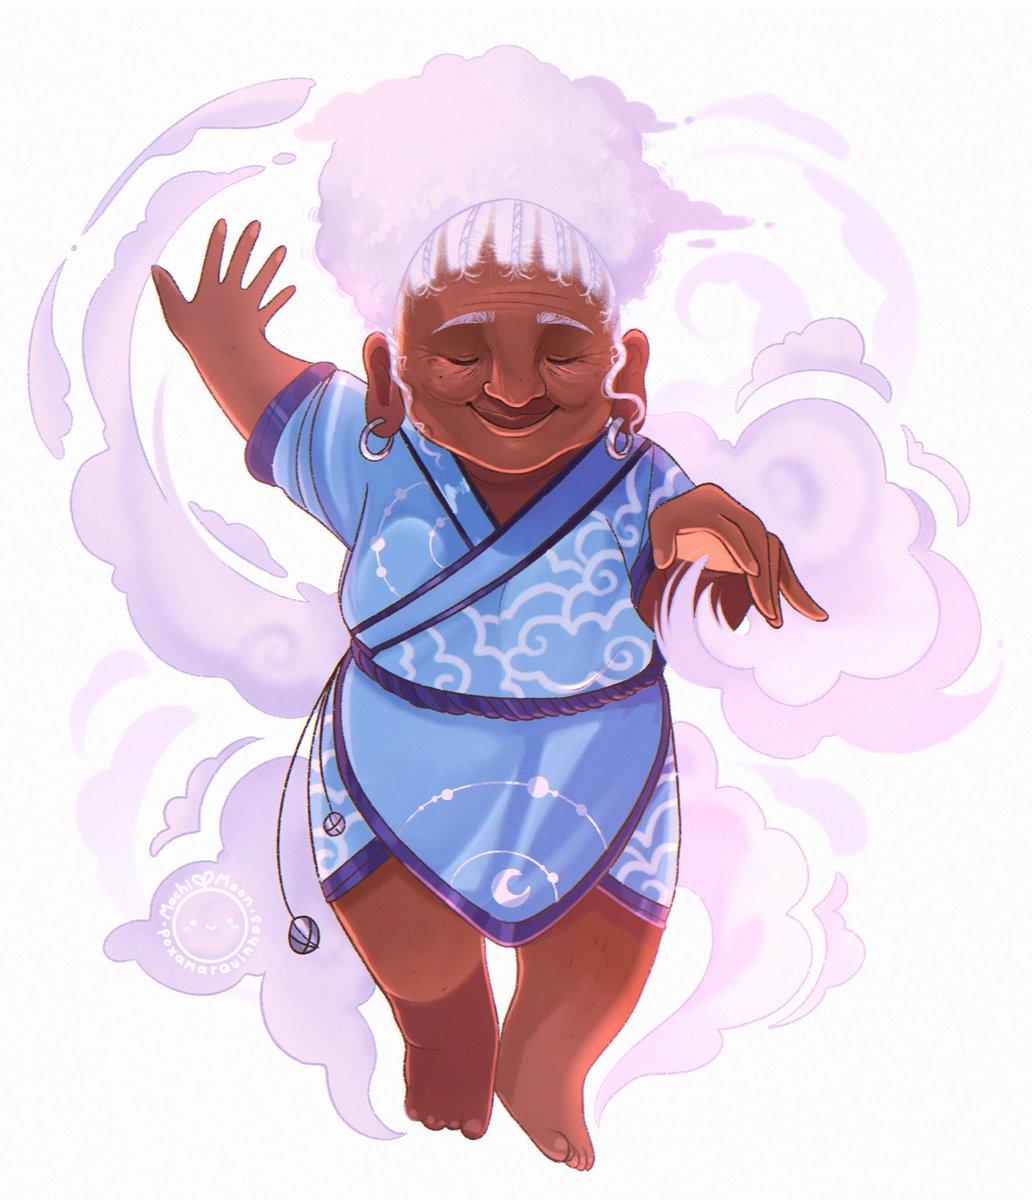 Nuvens curiosas, como são Se vestem de cabelo crespo, ancião